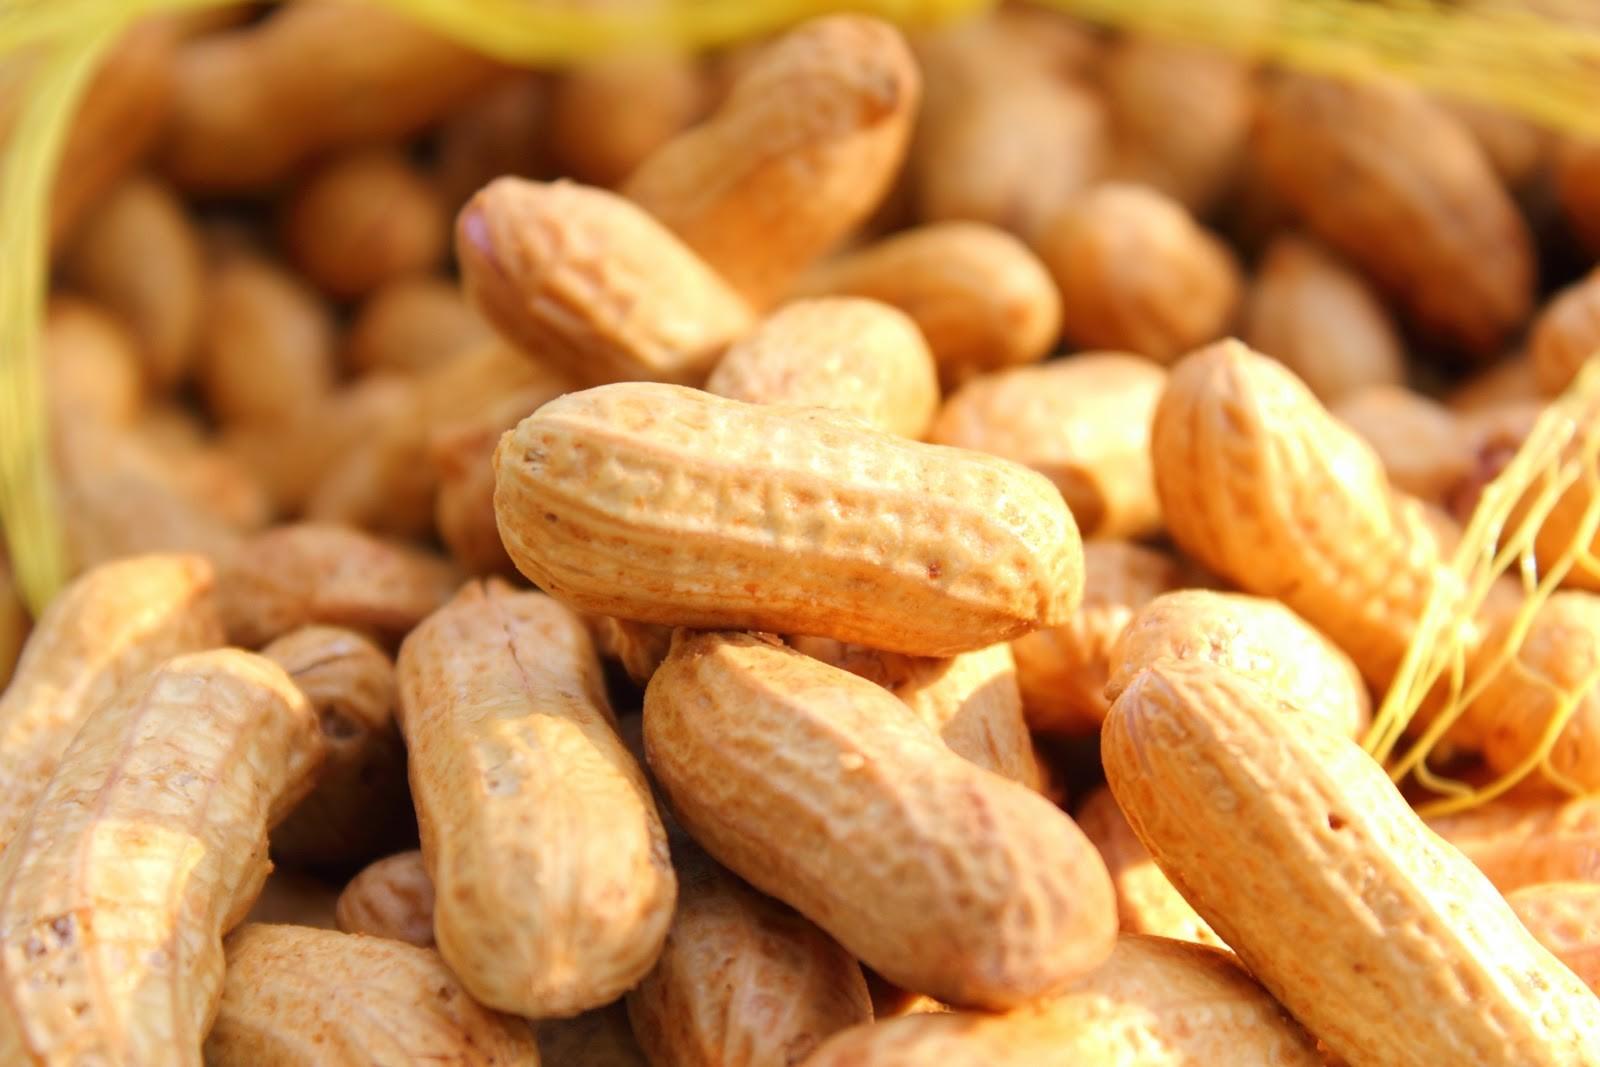 Voyage et allergie alimentaire : l'arachide et moi